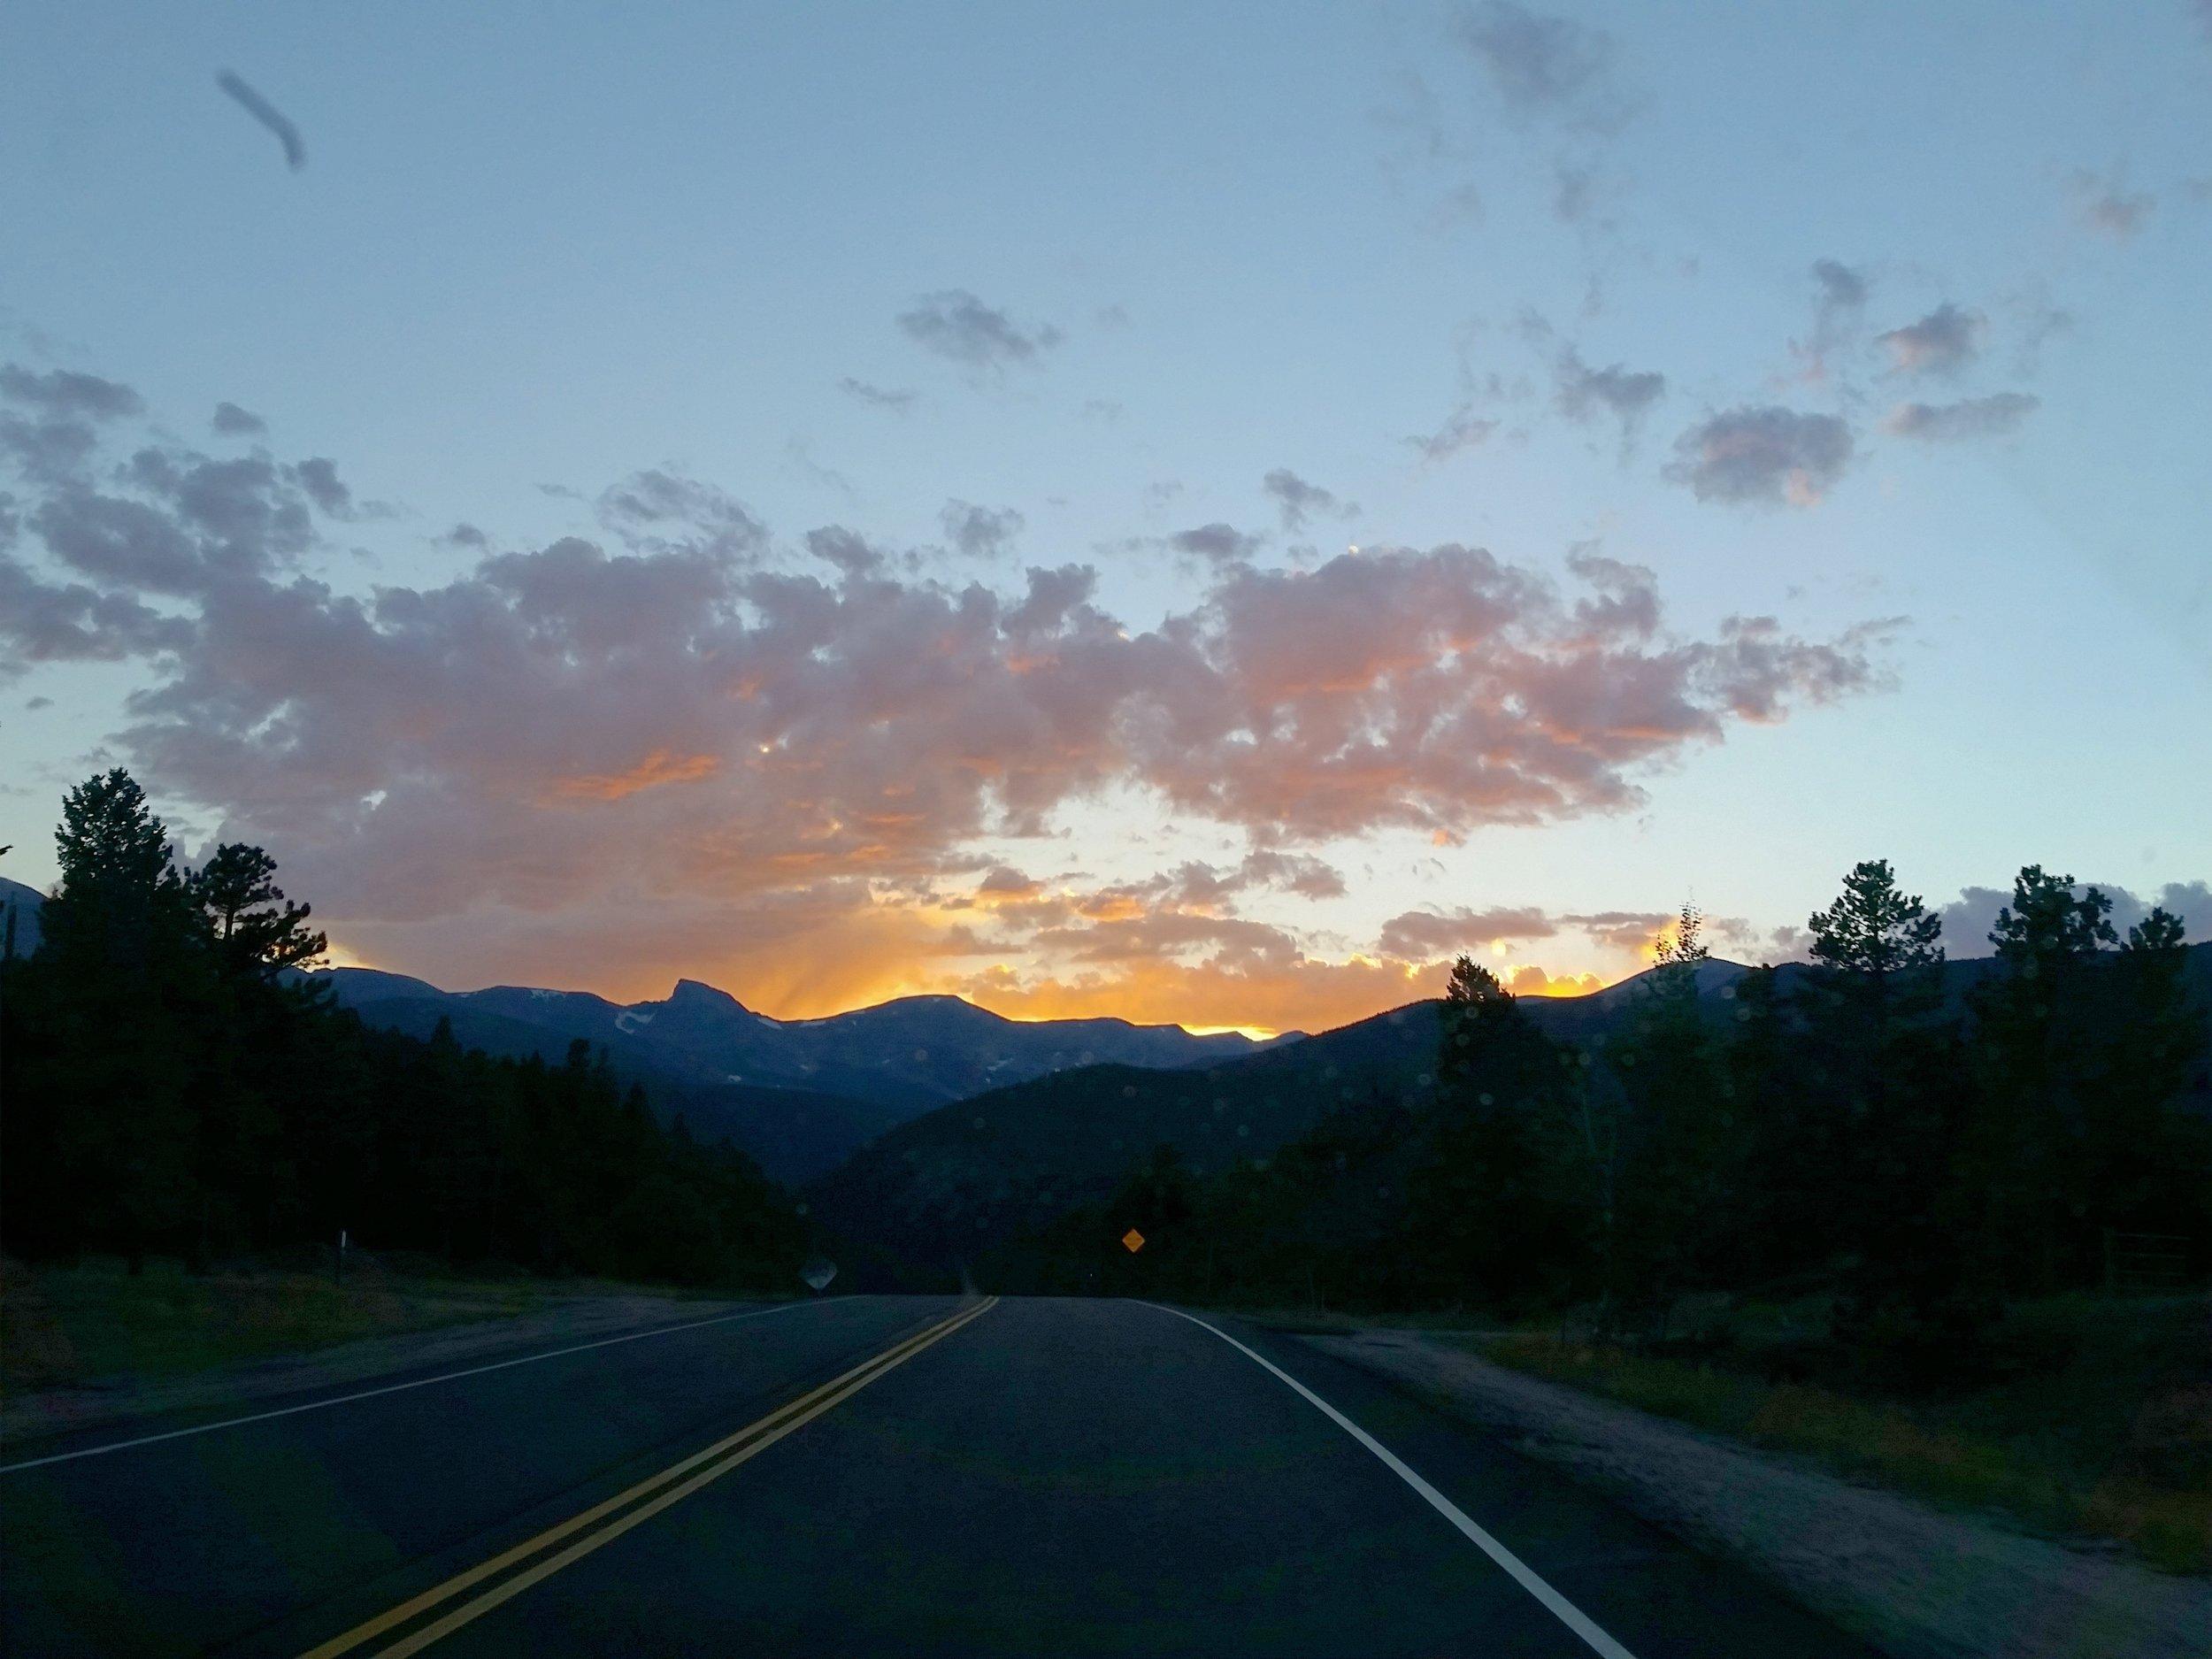 Highway 7 Sunset